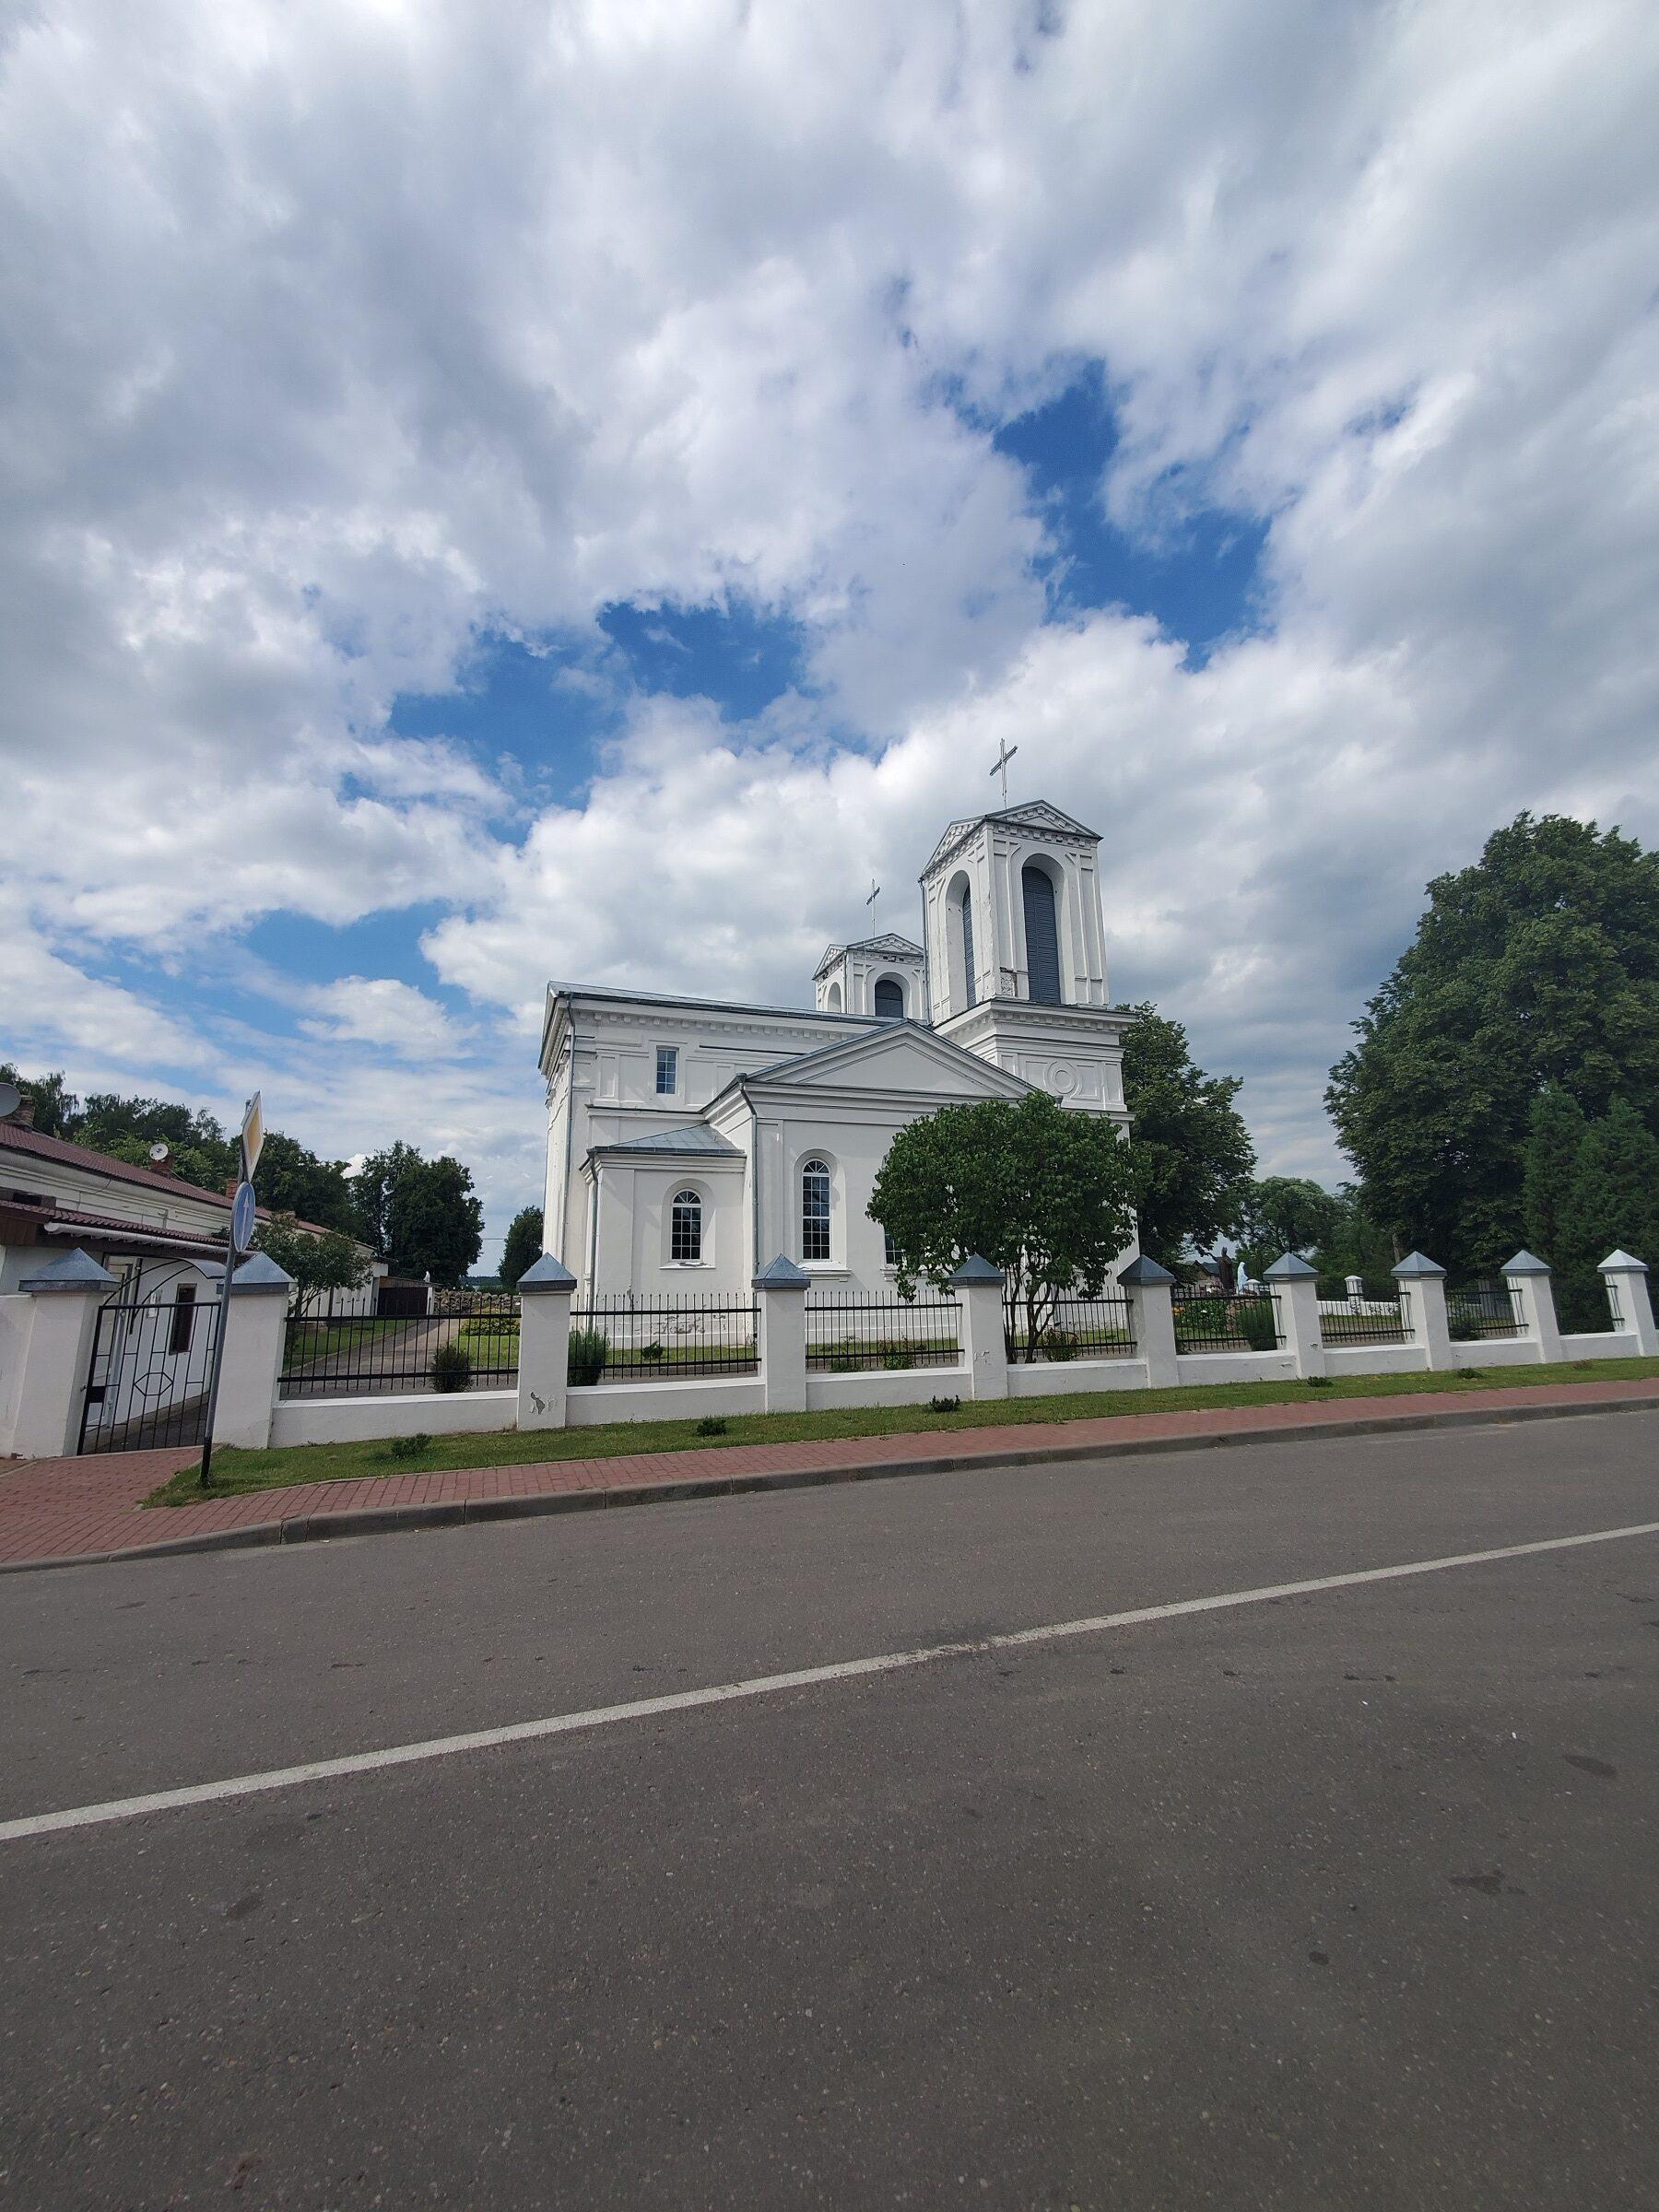 20200705 155214 rotated - Костел Святого Казимира в Лепеле